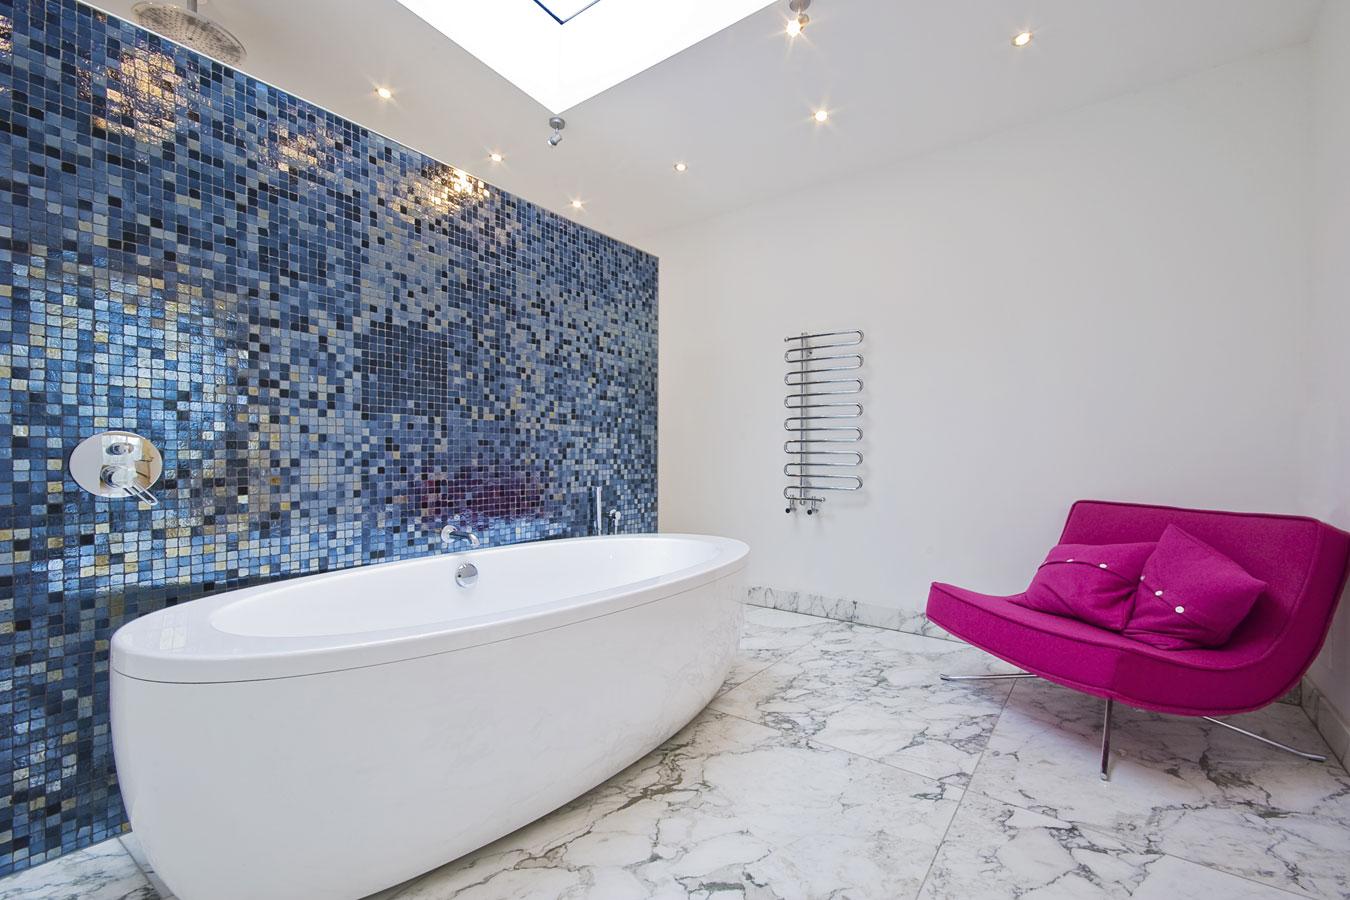 Mozaiek Badkamer Tegels : Mozaïek tegels in de badkamer materialen inspiratie